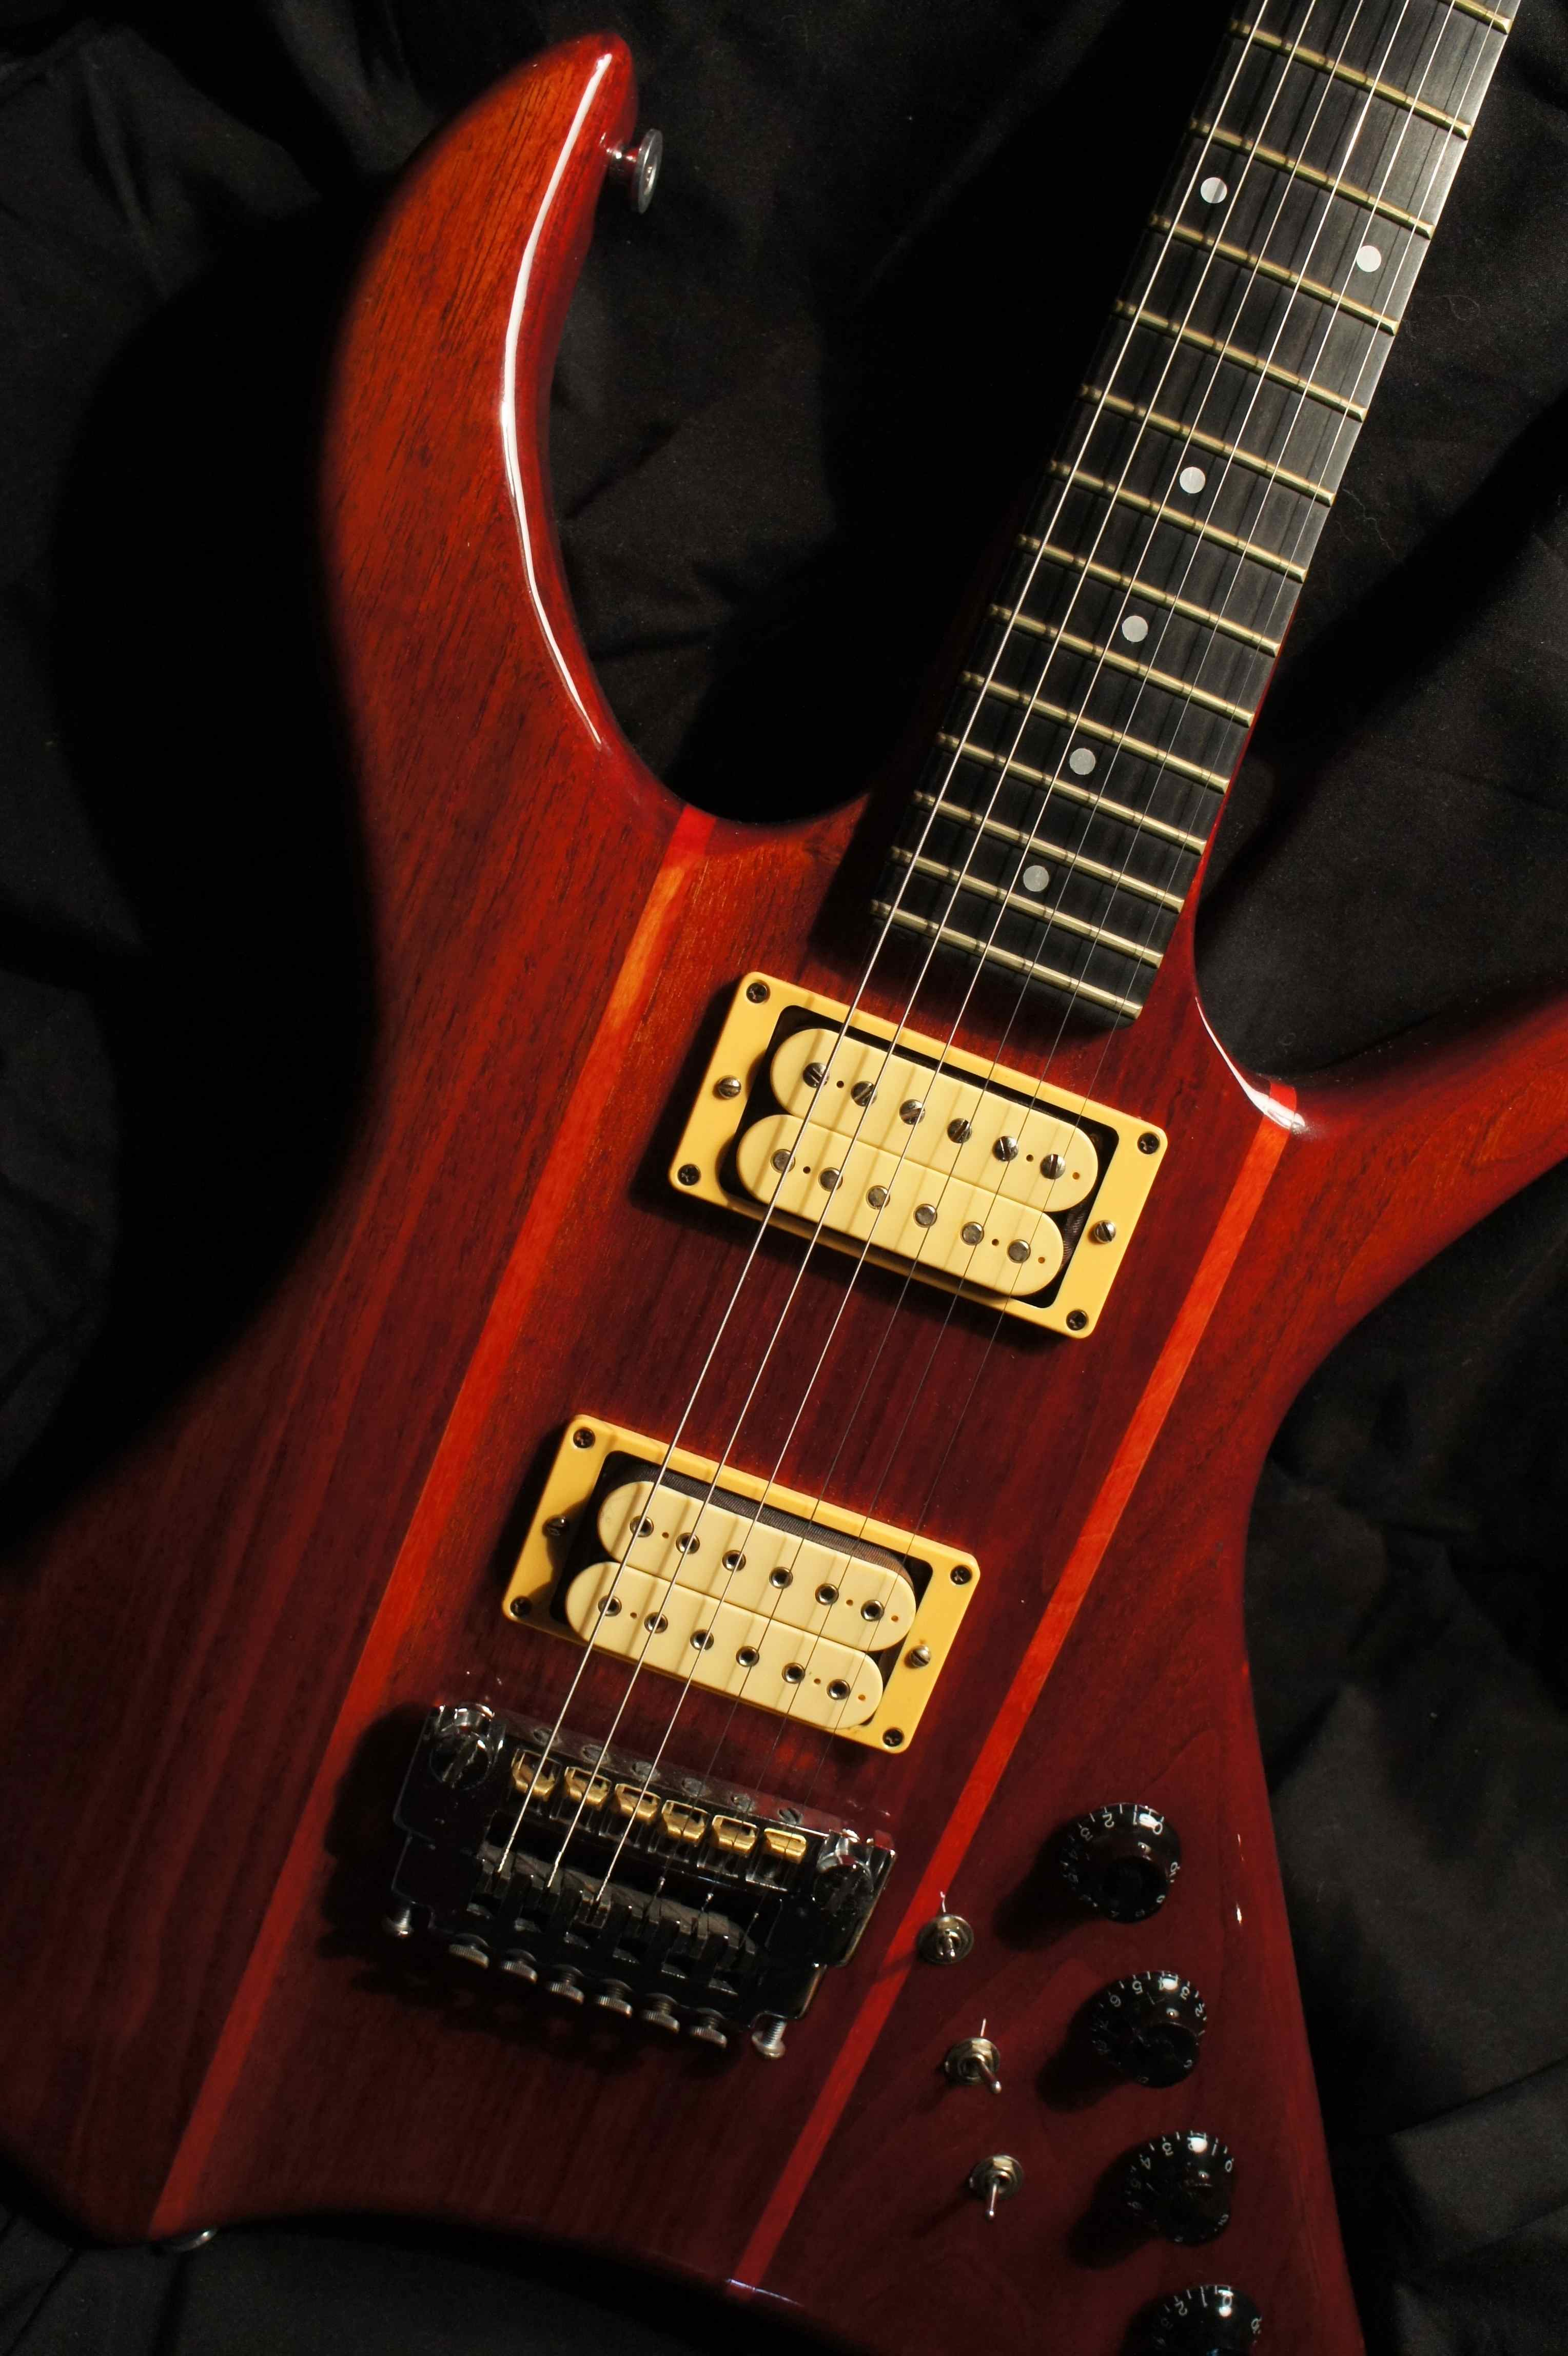 Krammer Xl 1 Wiring Diagram Free Download Kramer Focus Guitar 5 1980 Tune Your Sound Eth At